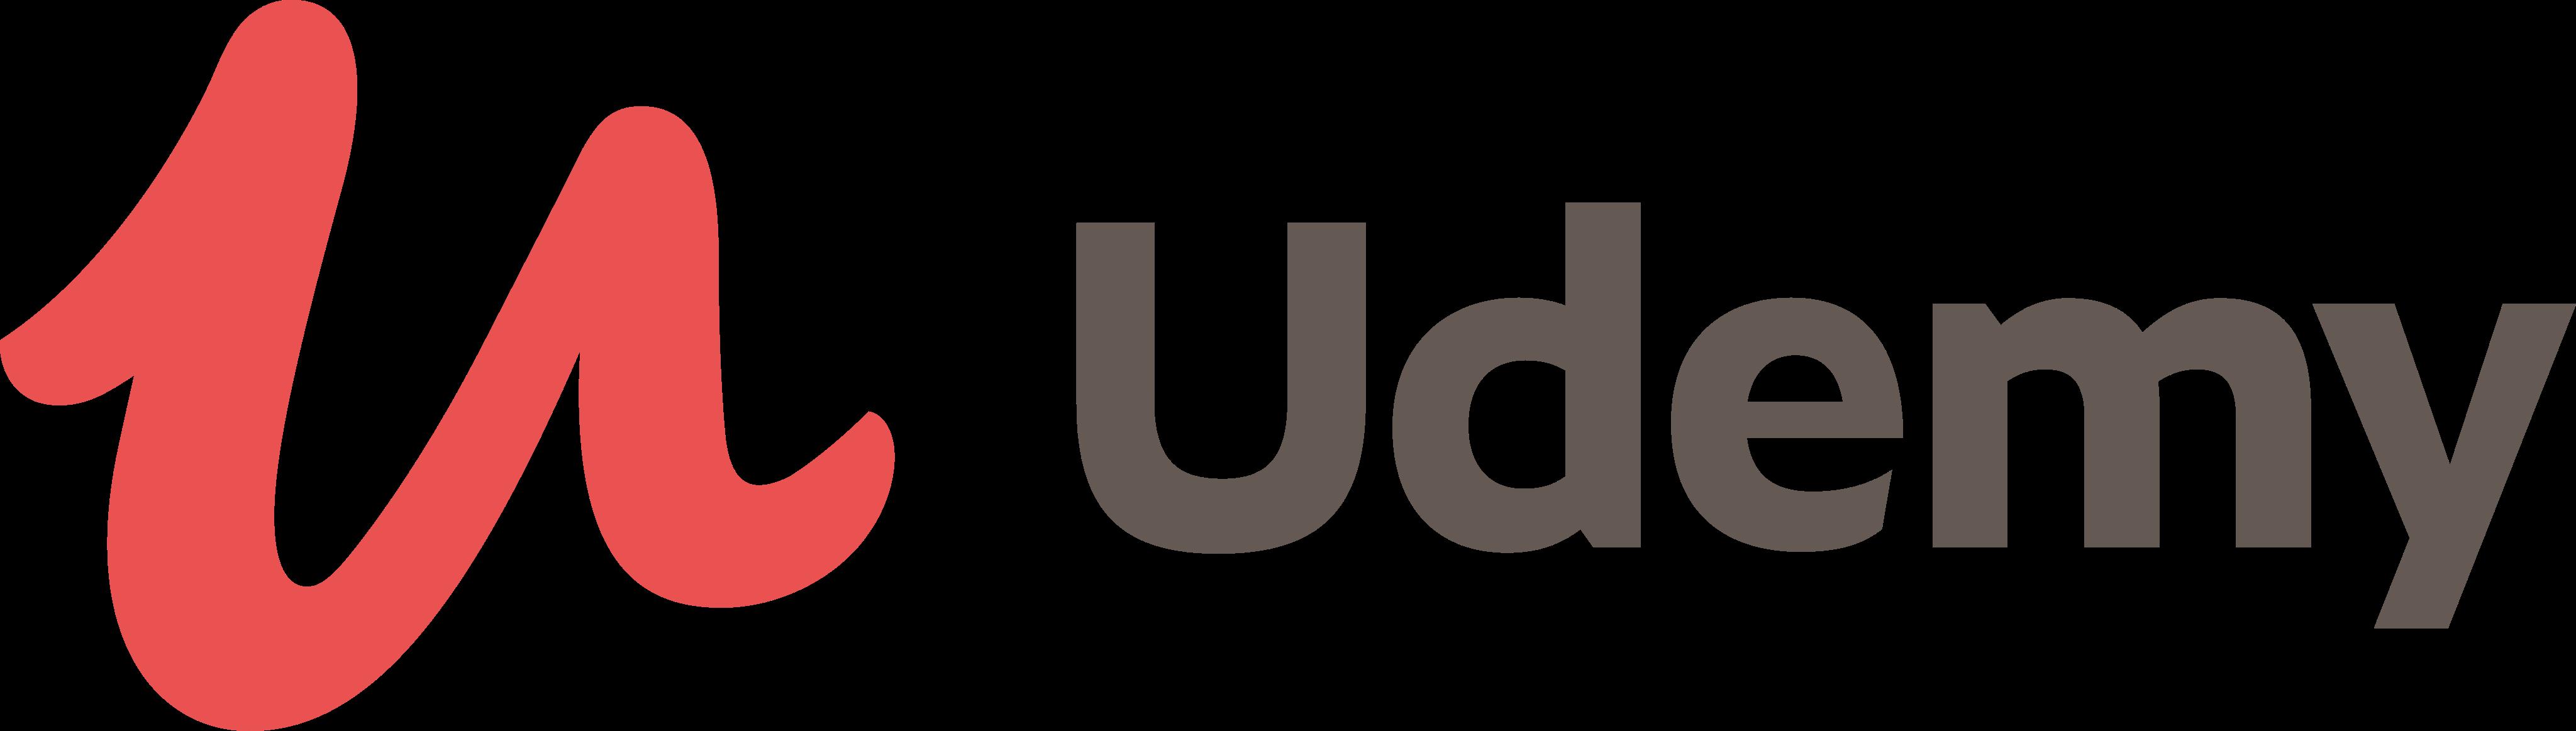 Udemy Marketplace